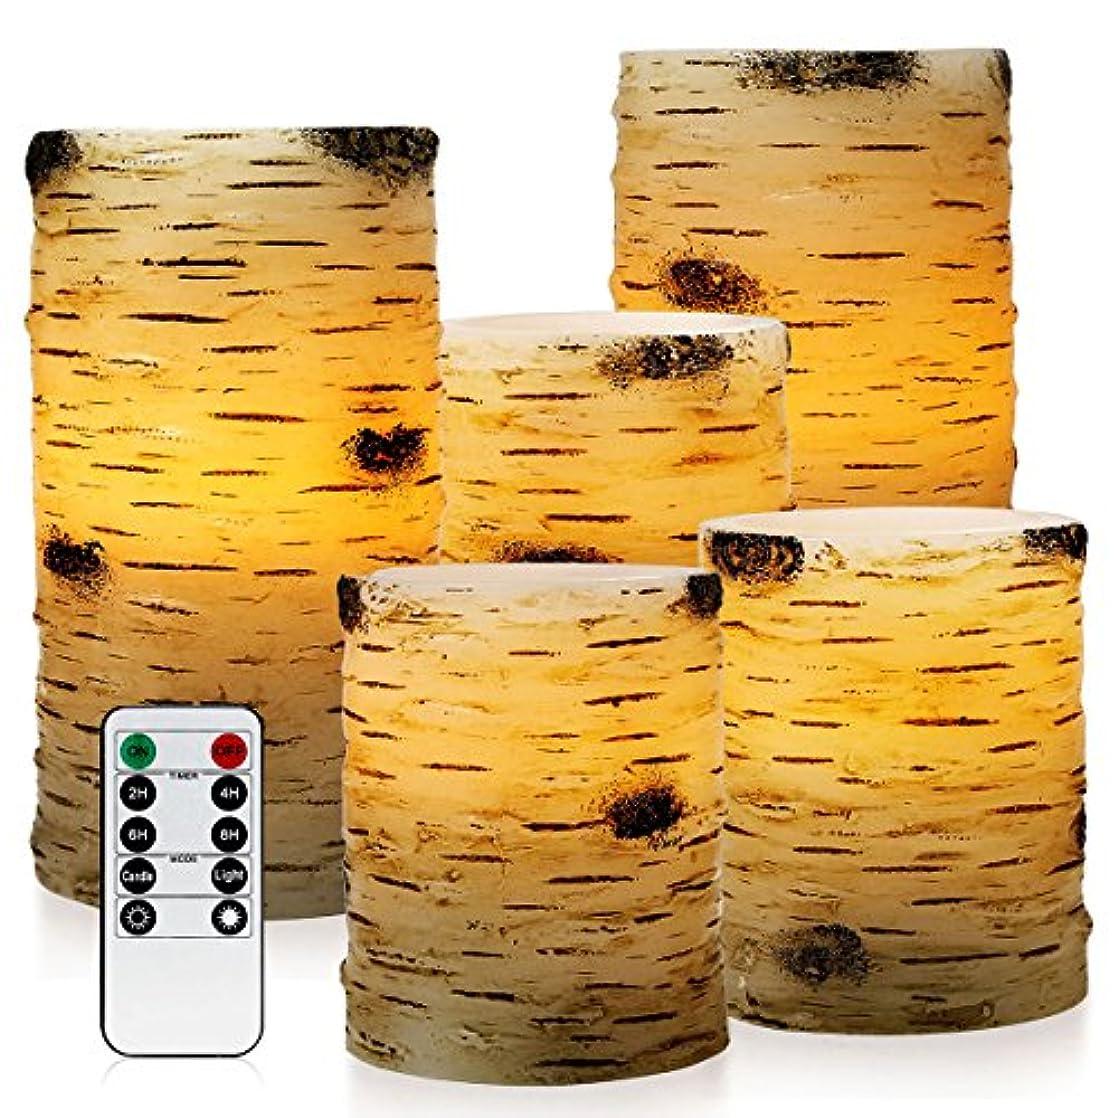 大腿洗練された監査pandaingのセット5ピラーBirch Bark効果Flameless LED Candles with 10-keyリモート制御と2 4 6または8時間タイマー機能